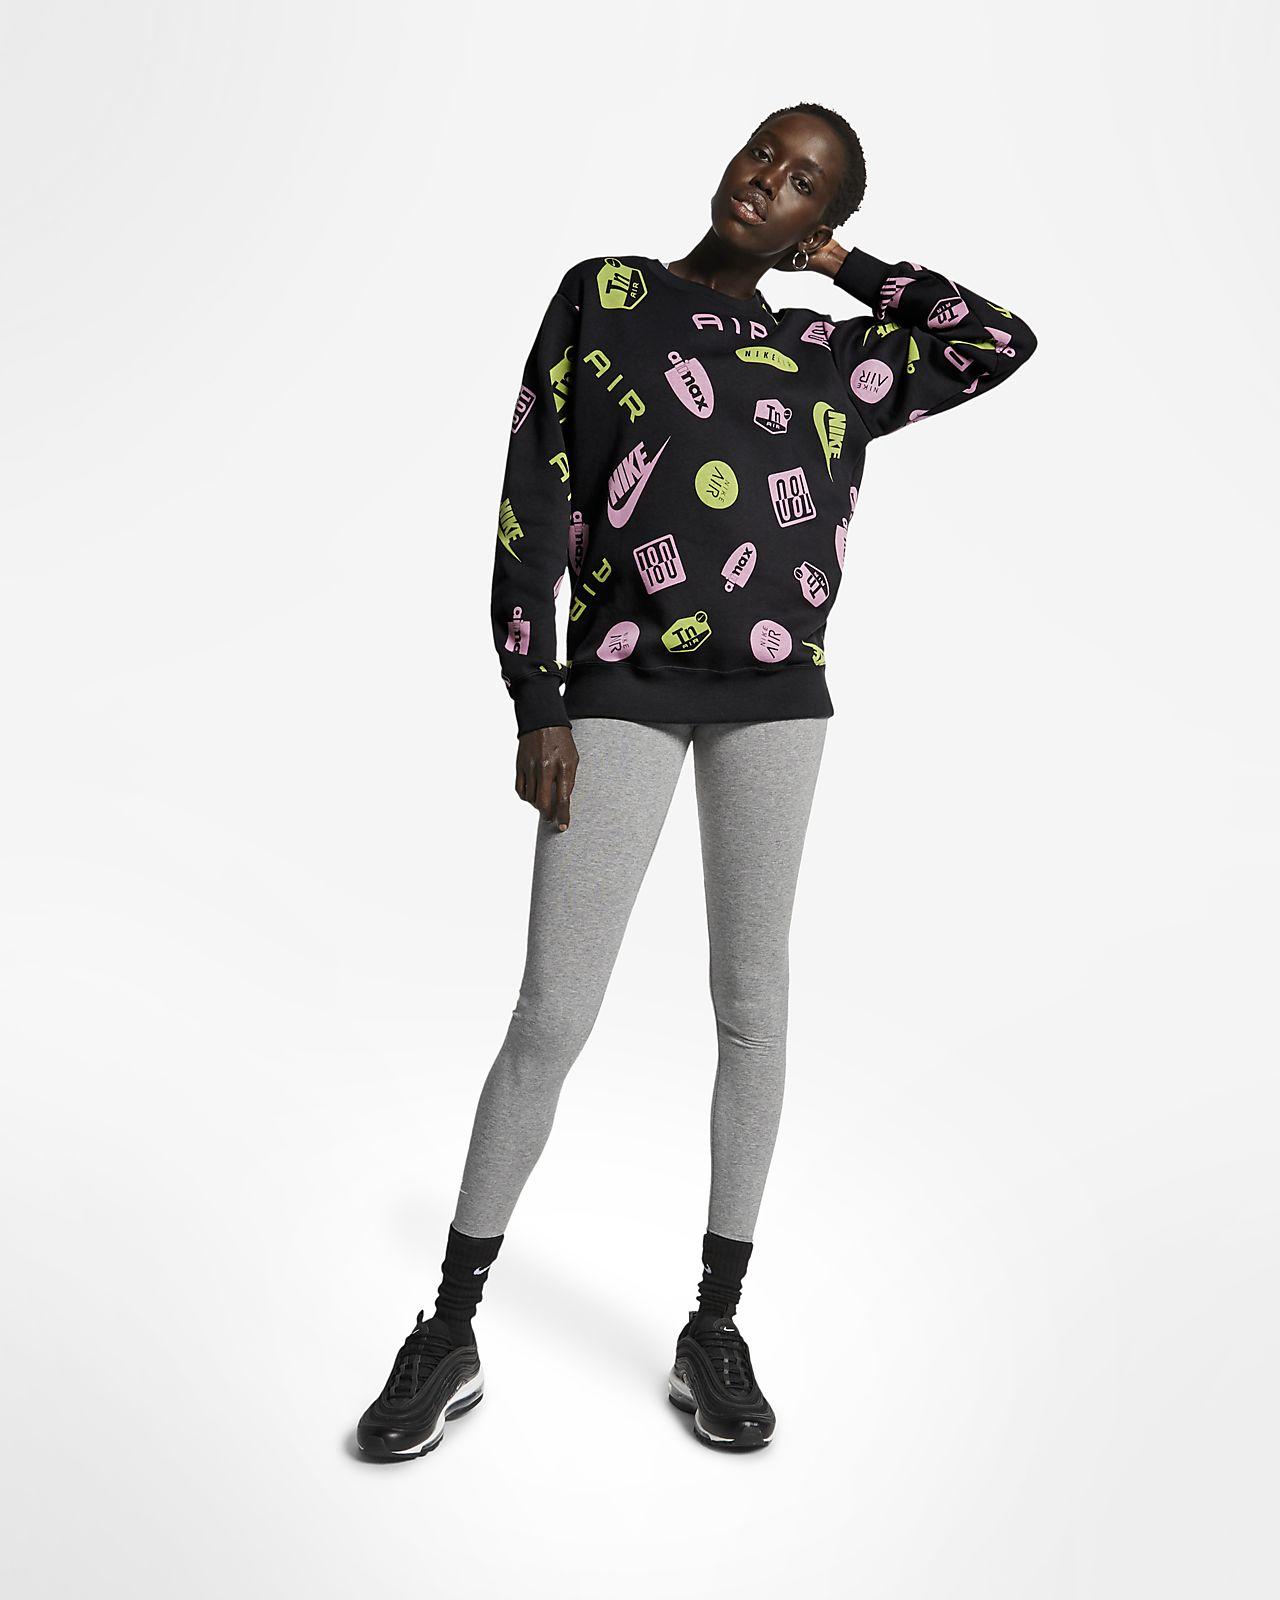 Nike Sudadera Mujer Air Con Estampado Max xeBCod